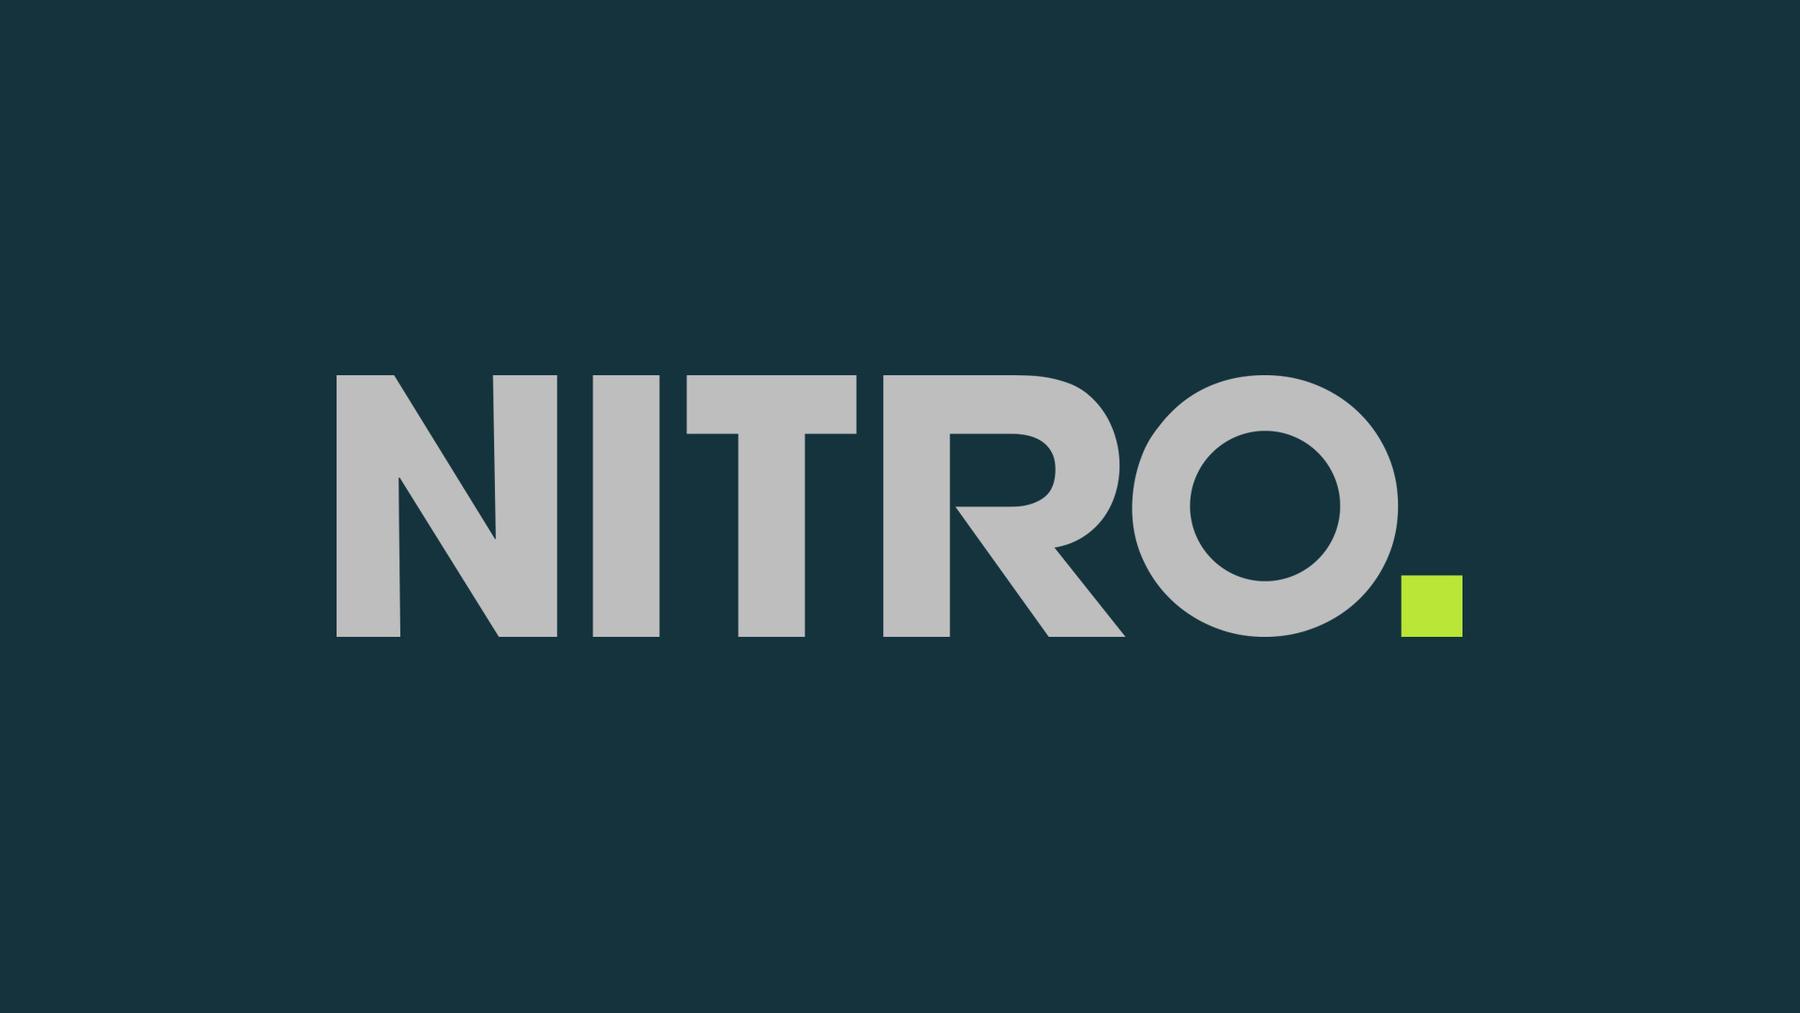 Fußball bei NITRO - 1.FC Union Berlin - Countdown für Europa